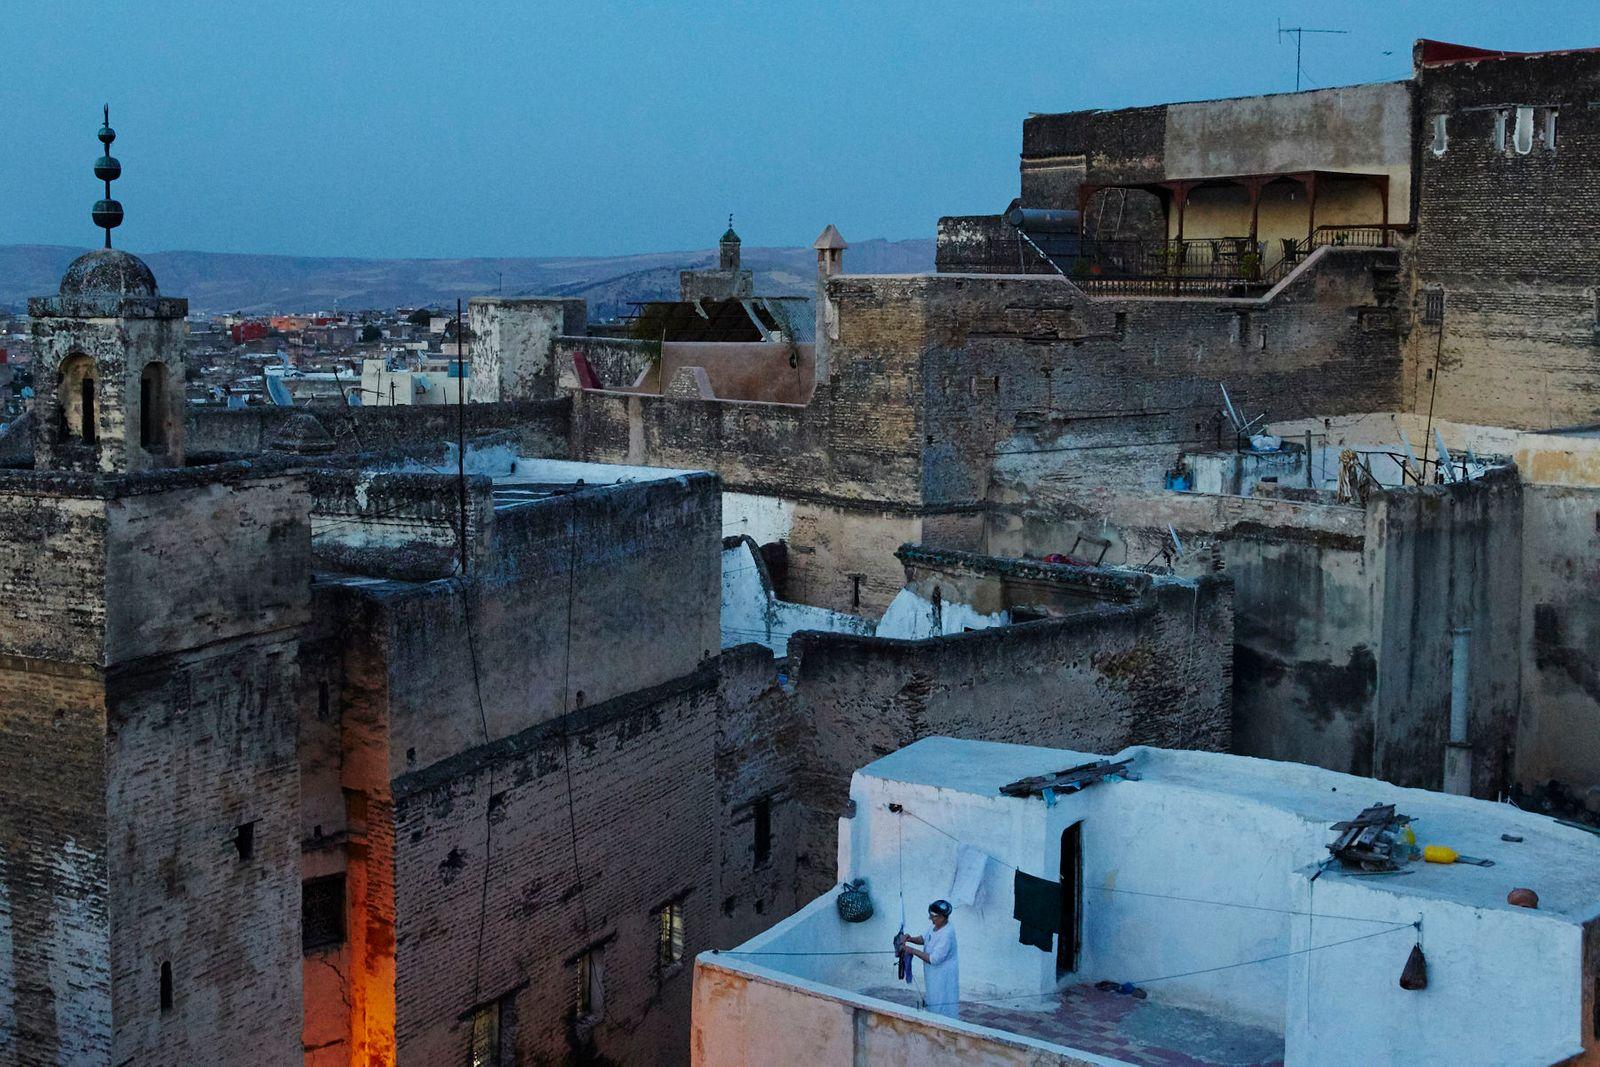 Riad Idrissy, Fez. Medina